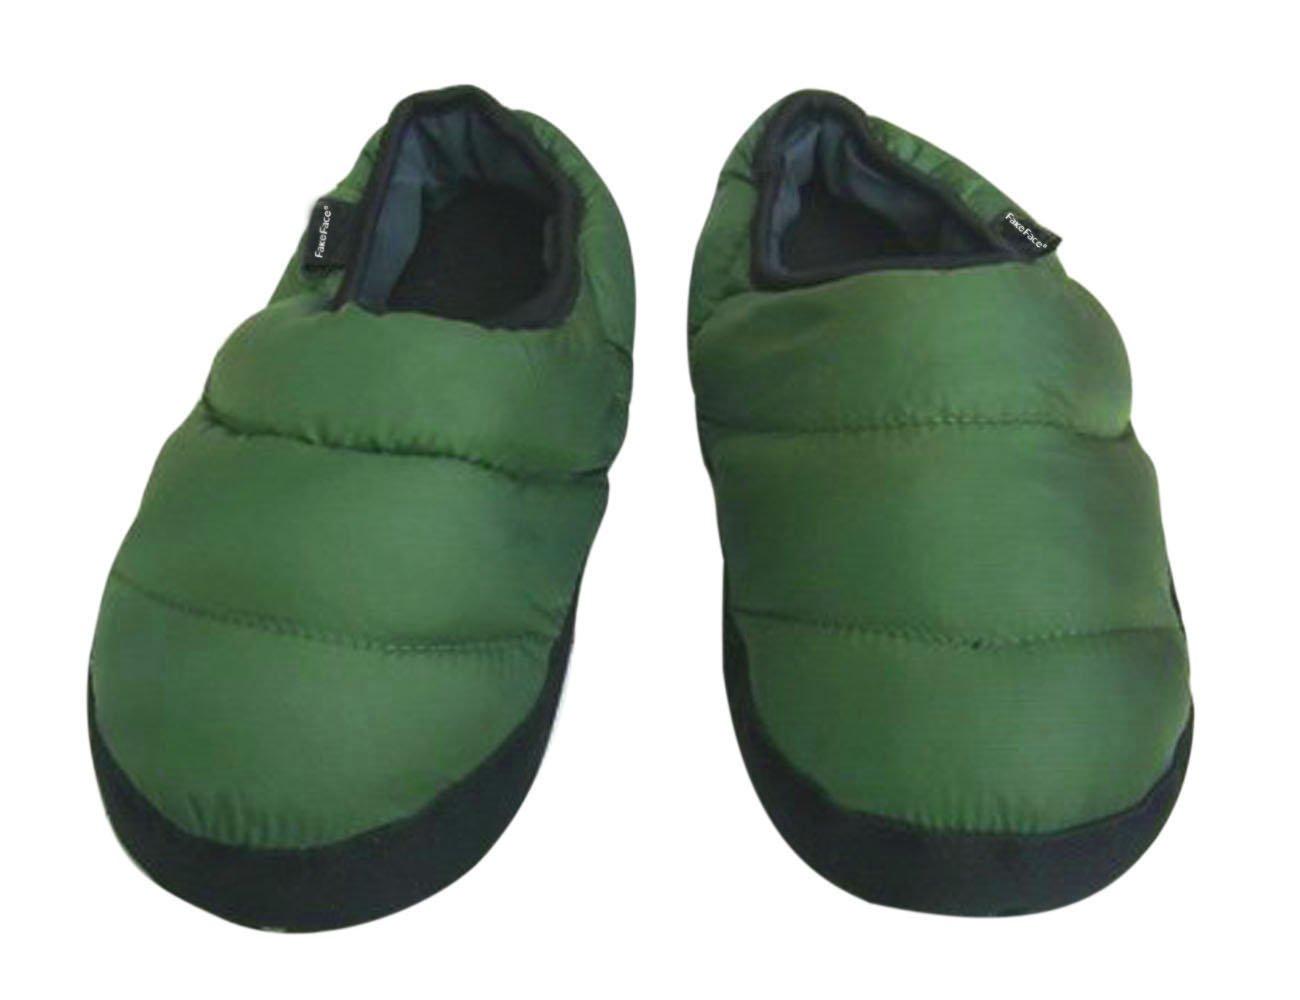 028b0561d748b Homme femme Pantoufles D intérieur Pantoufle Chaleureux Chausson Hiver  Imperméable Antidérapante Chaussures Doux en Peluche Confortable et Léger -  Vert ...